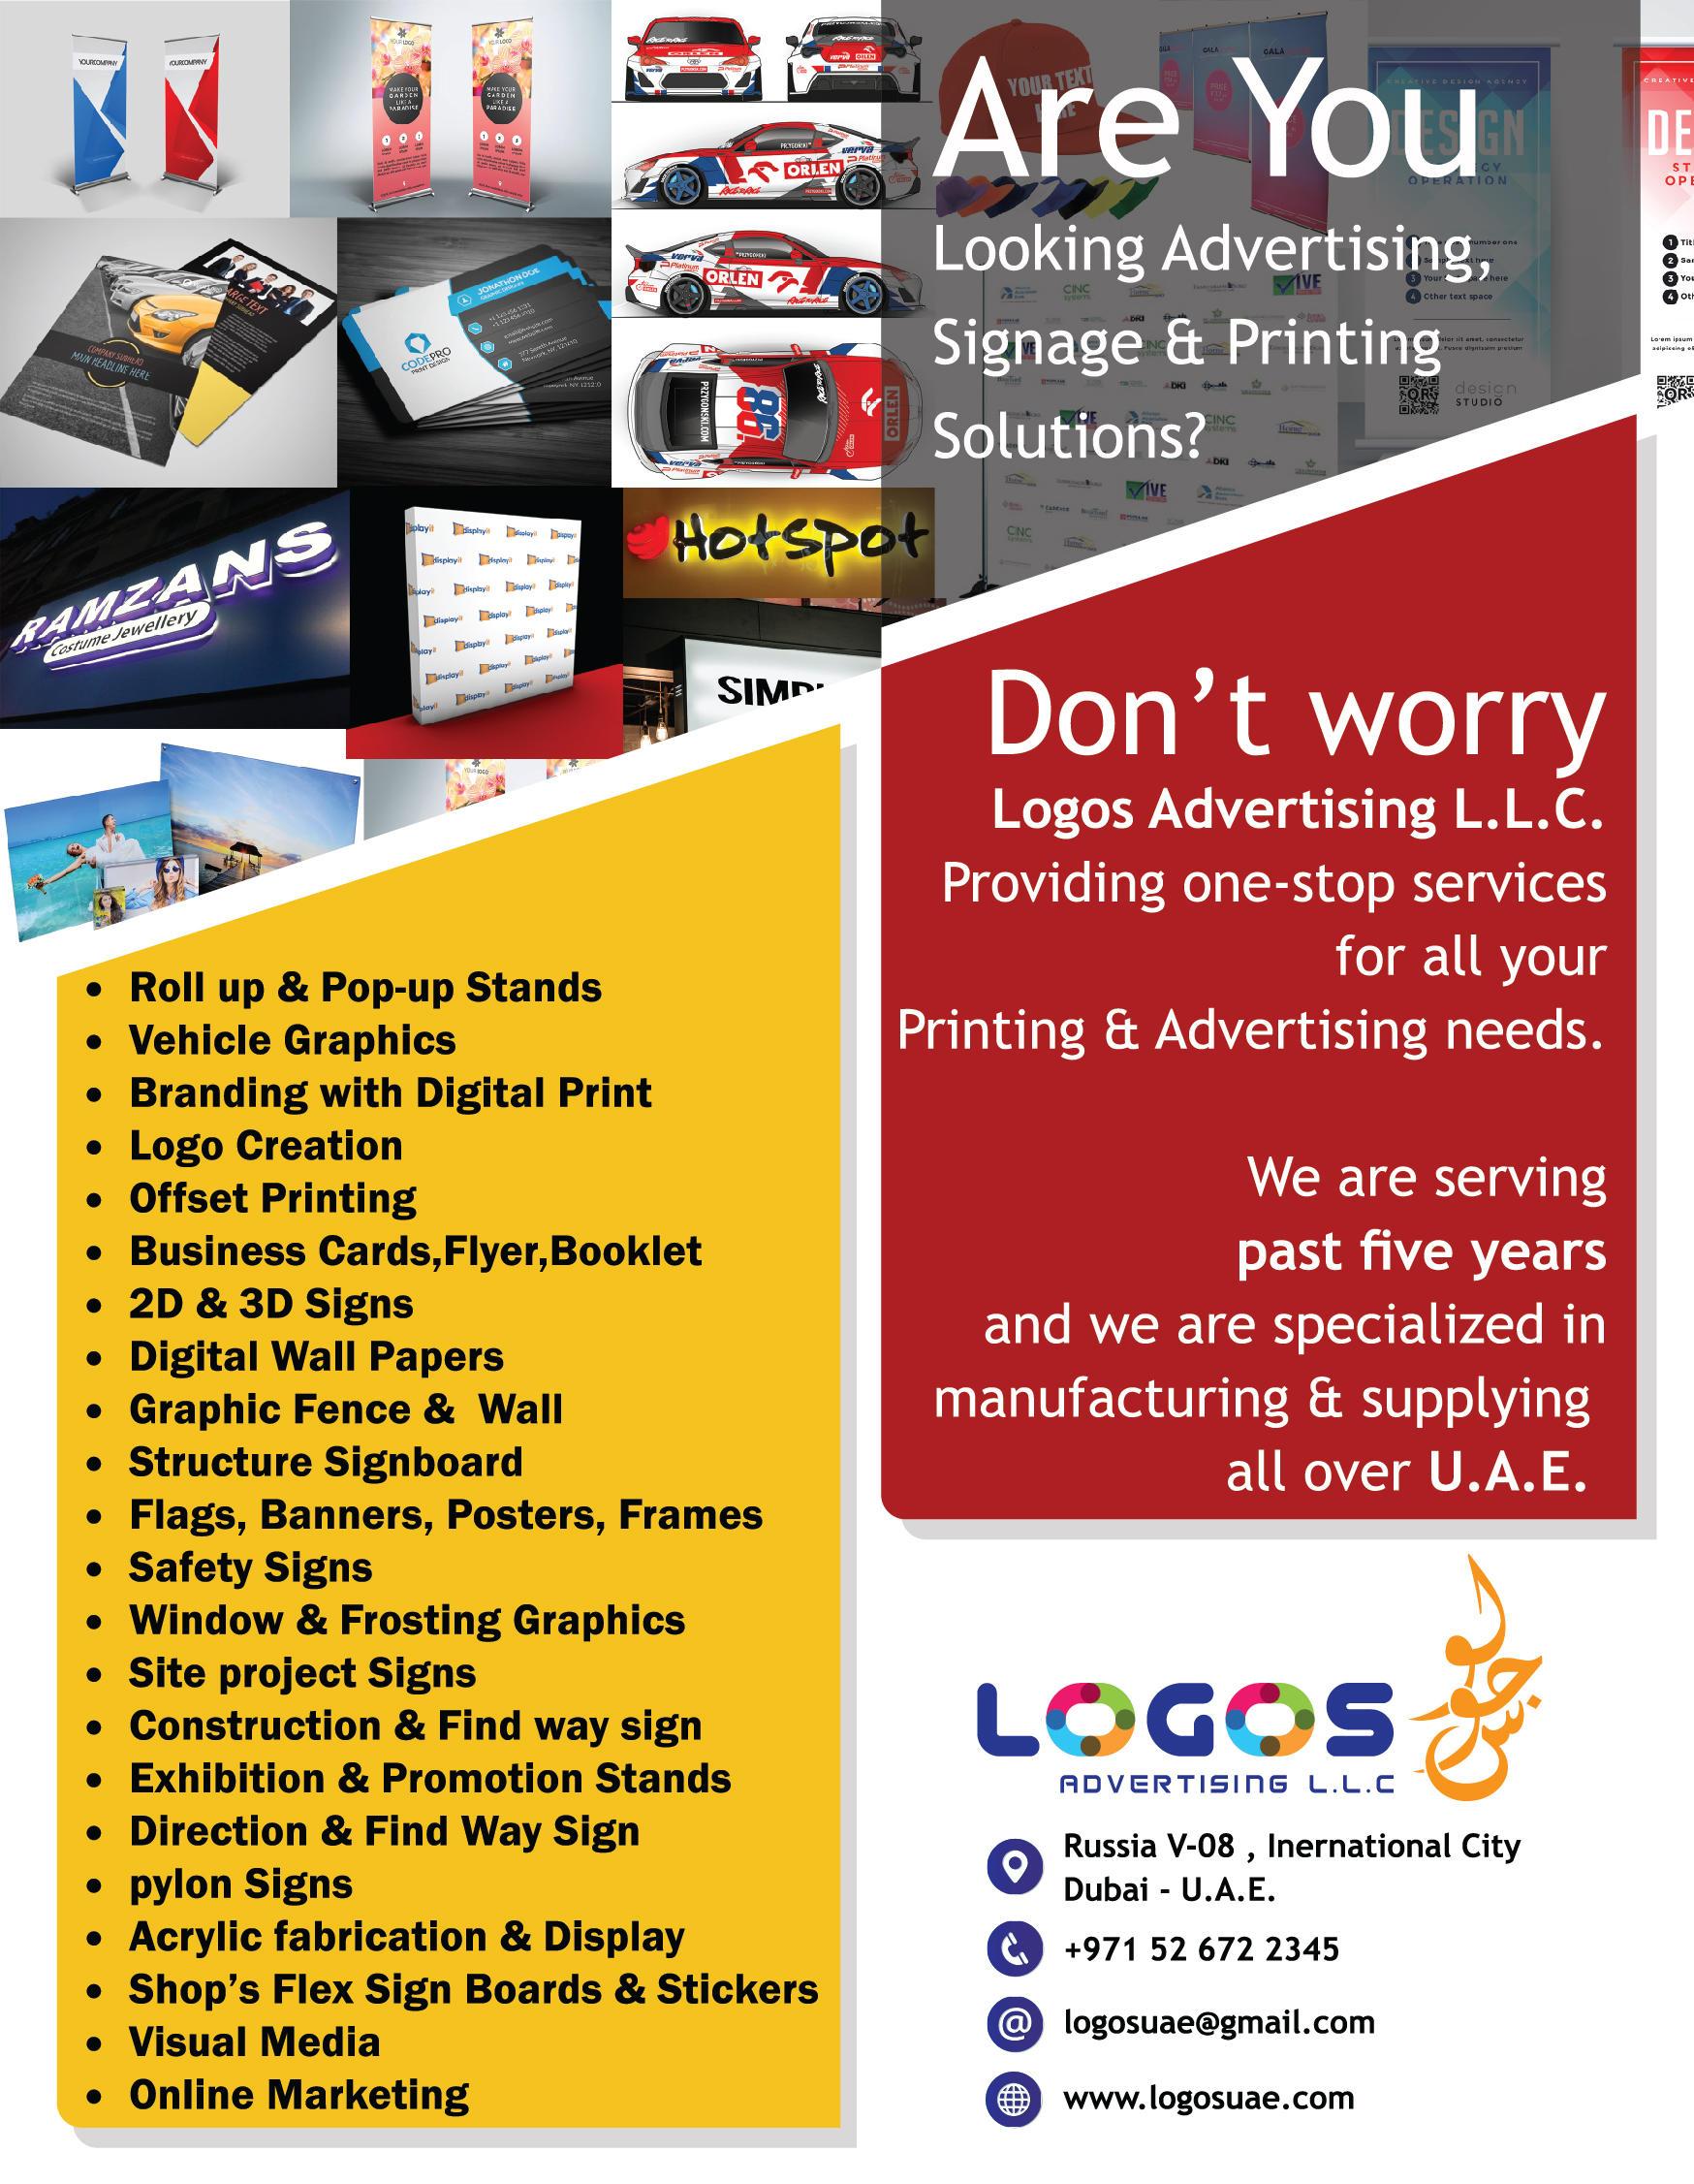 Logos Advertising LLC